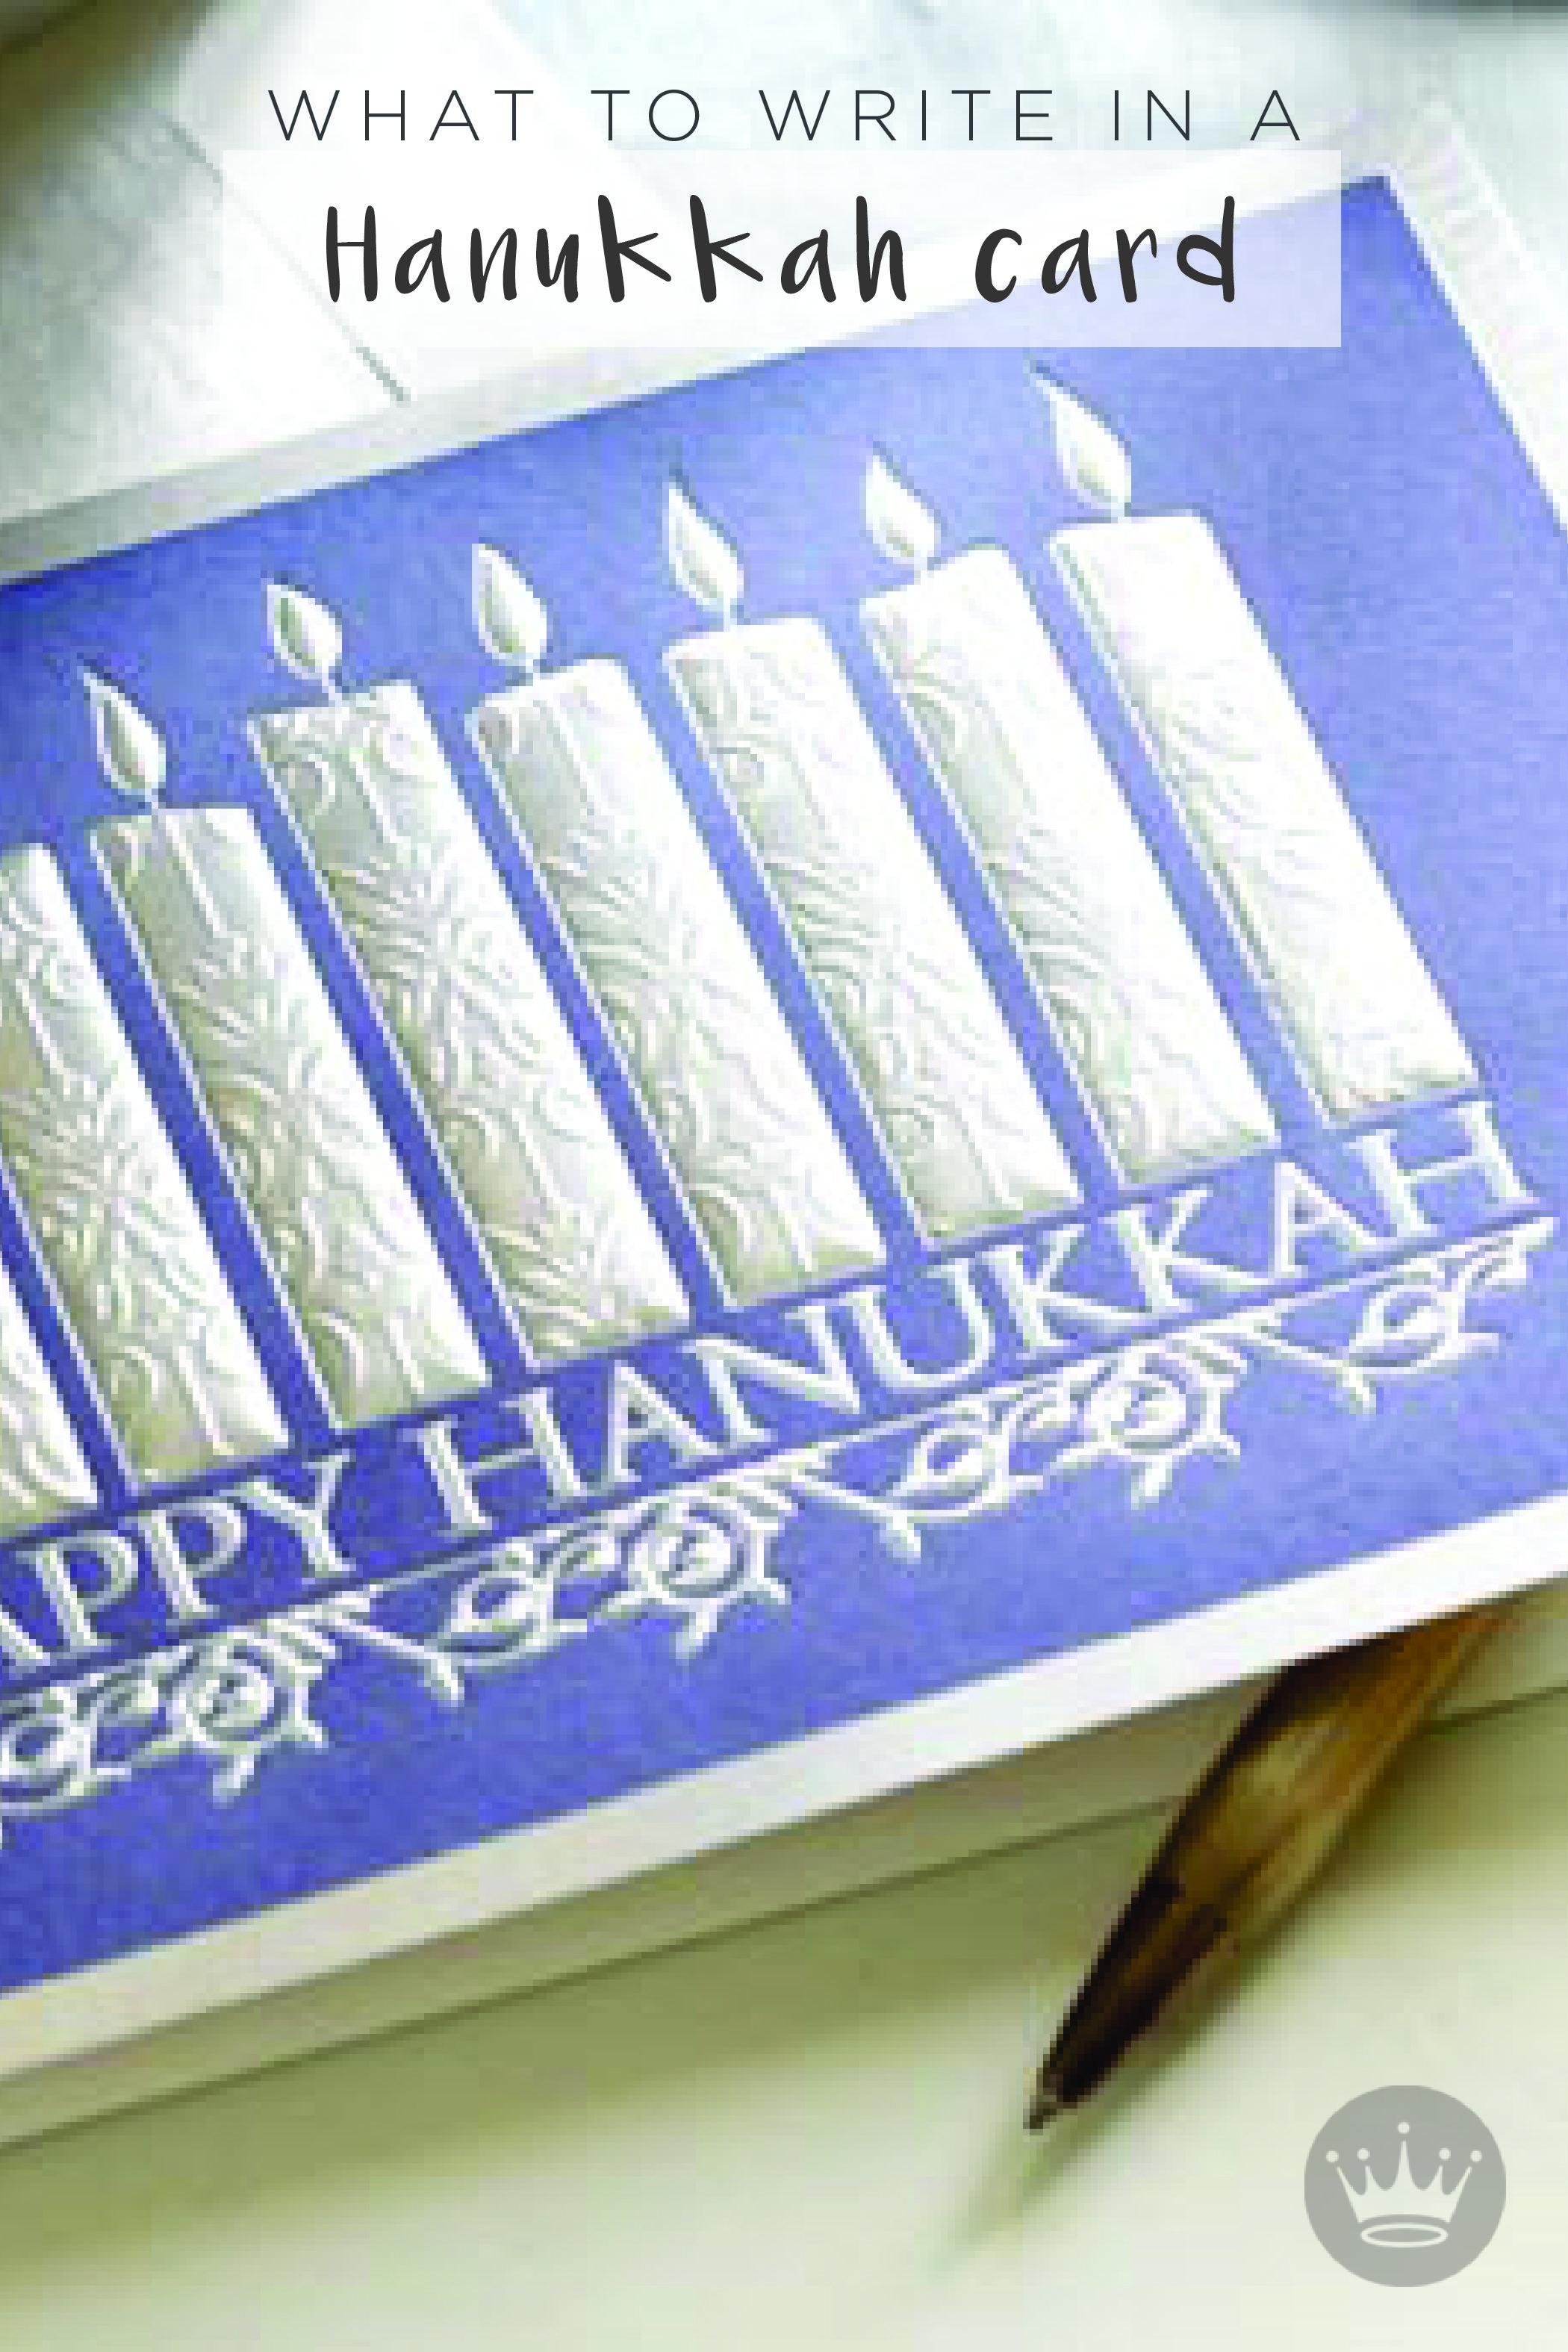 Hanukkah Wishes What To Write In A Hanukkah Card Hanukkah Ideas